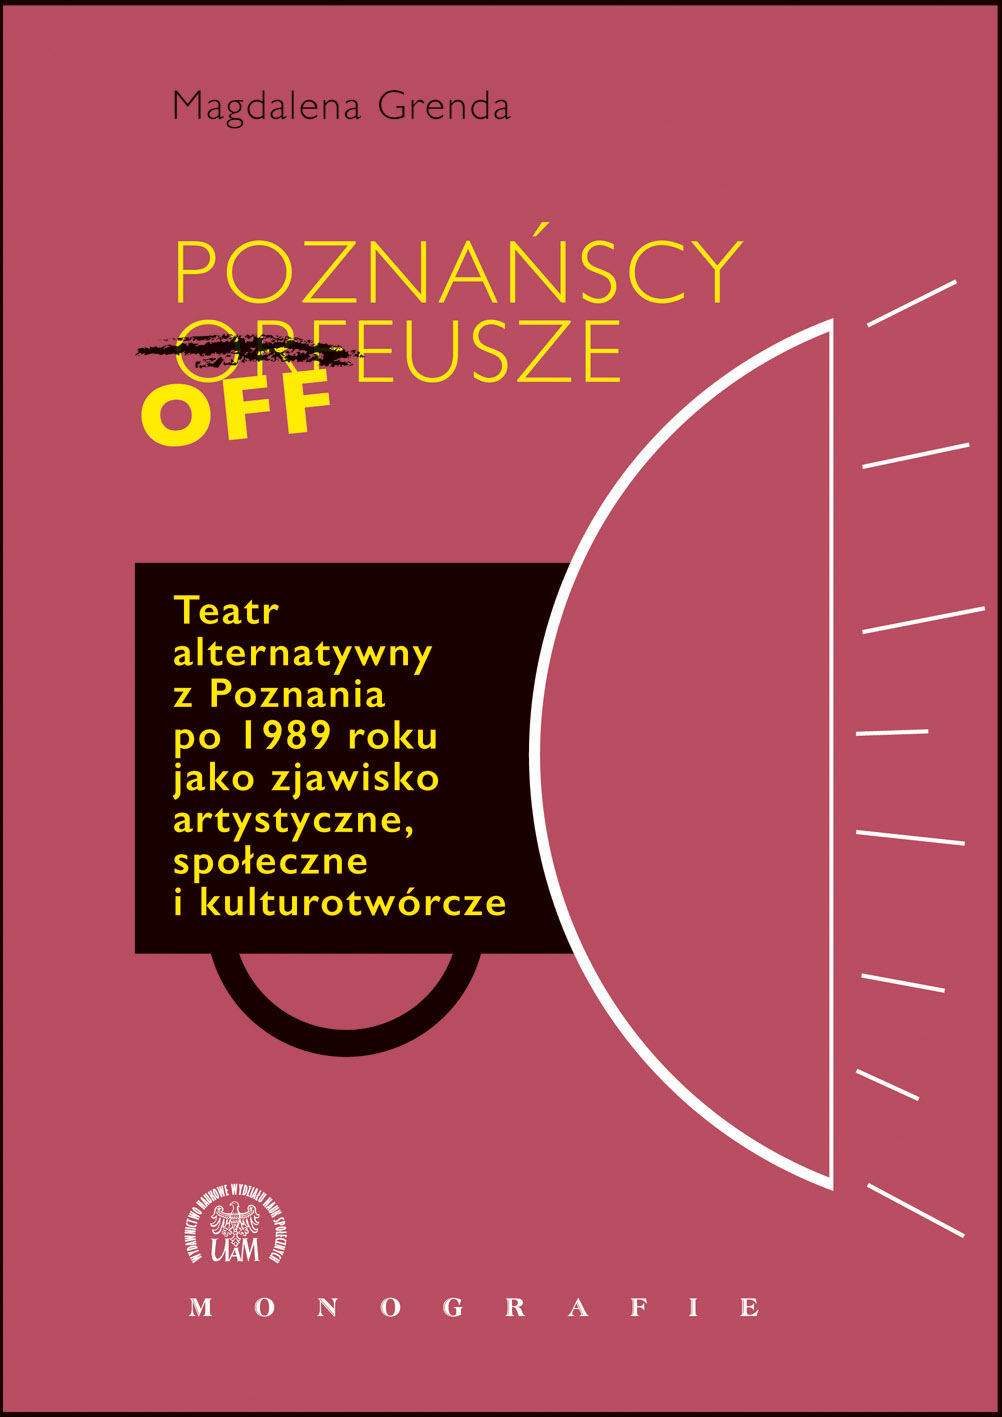 Poznańscy Offeusze. Teatr alternatywny Poznania po 1989 roku jako zjawisko artystyczne, społeczne i kulturotwórcze - Kulturoznawstwo UAM